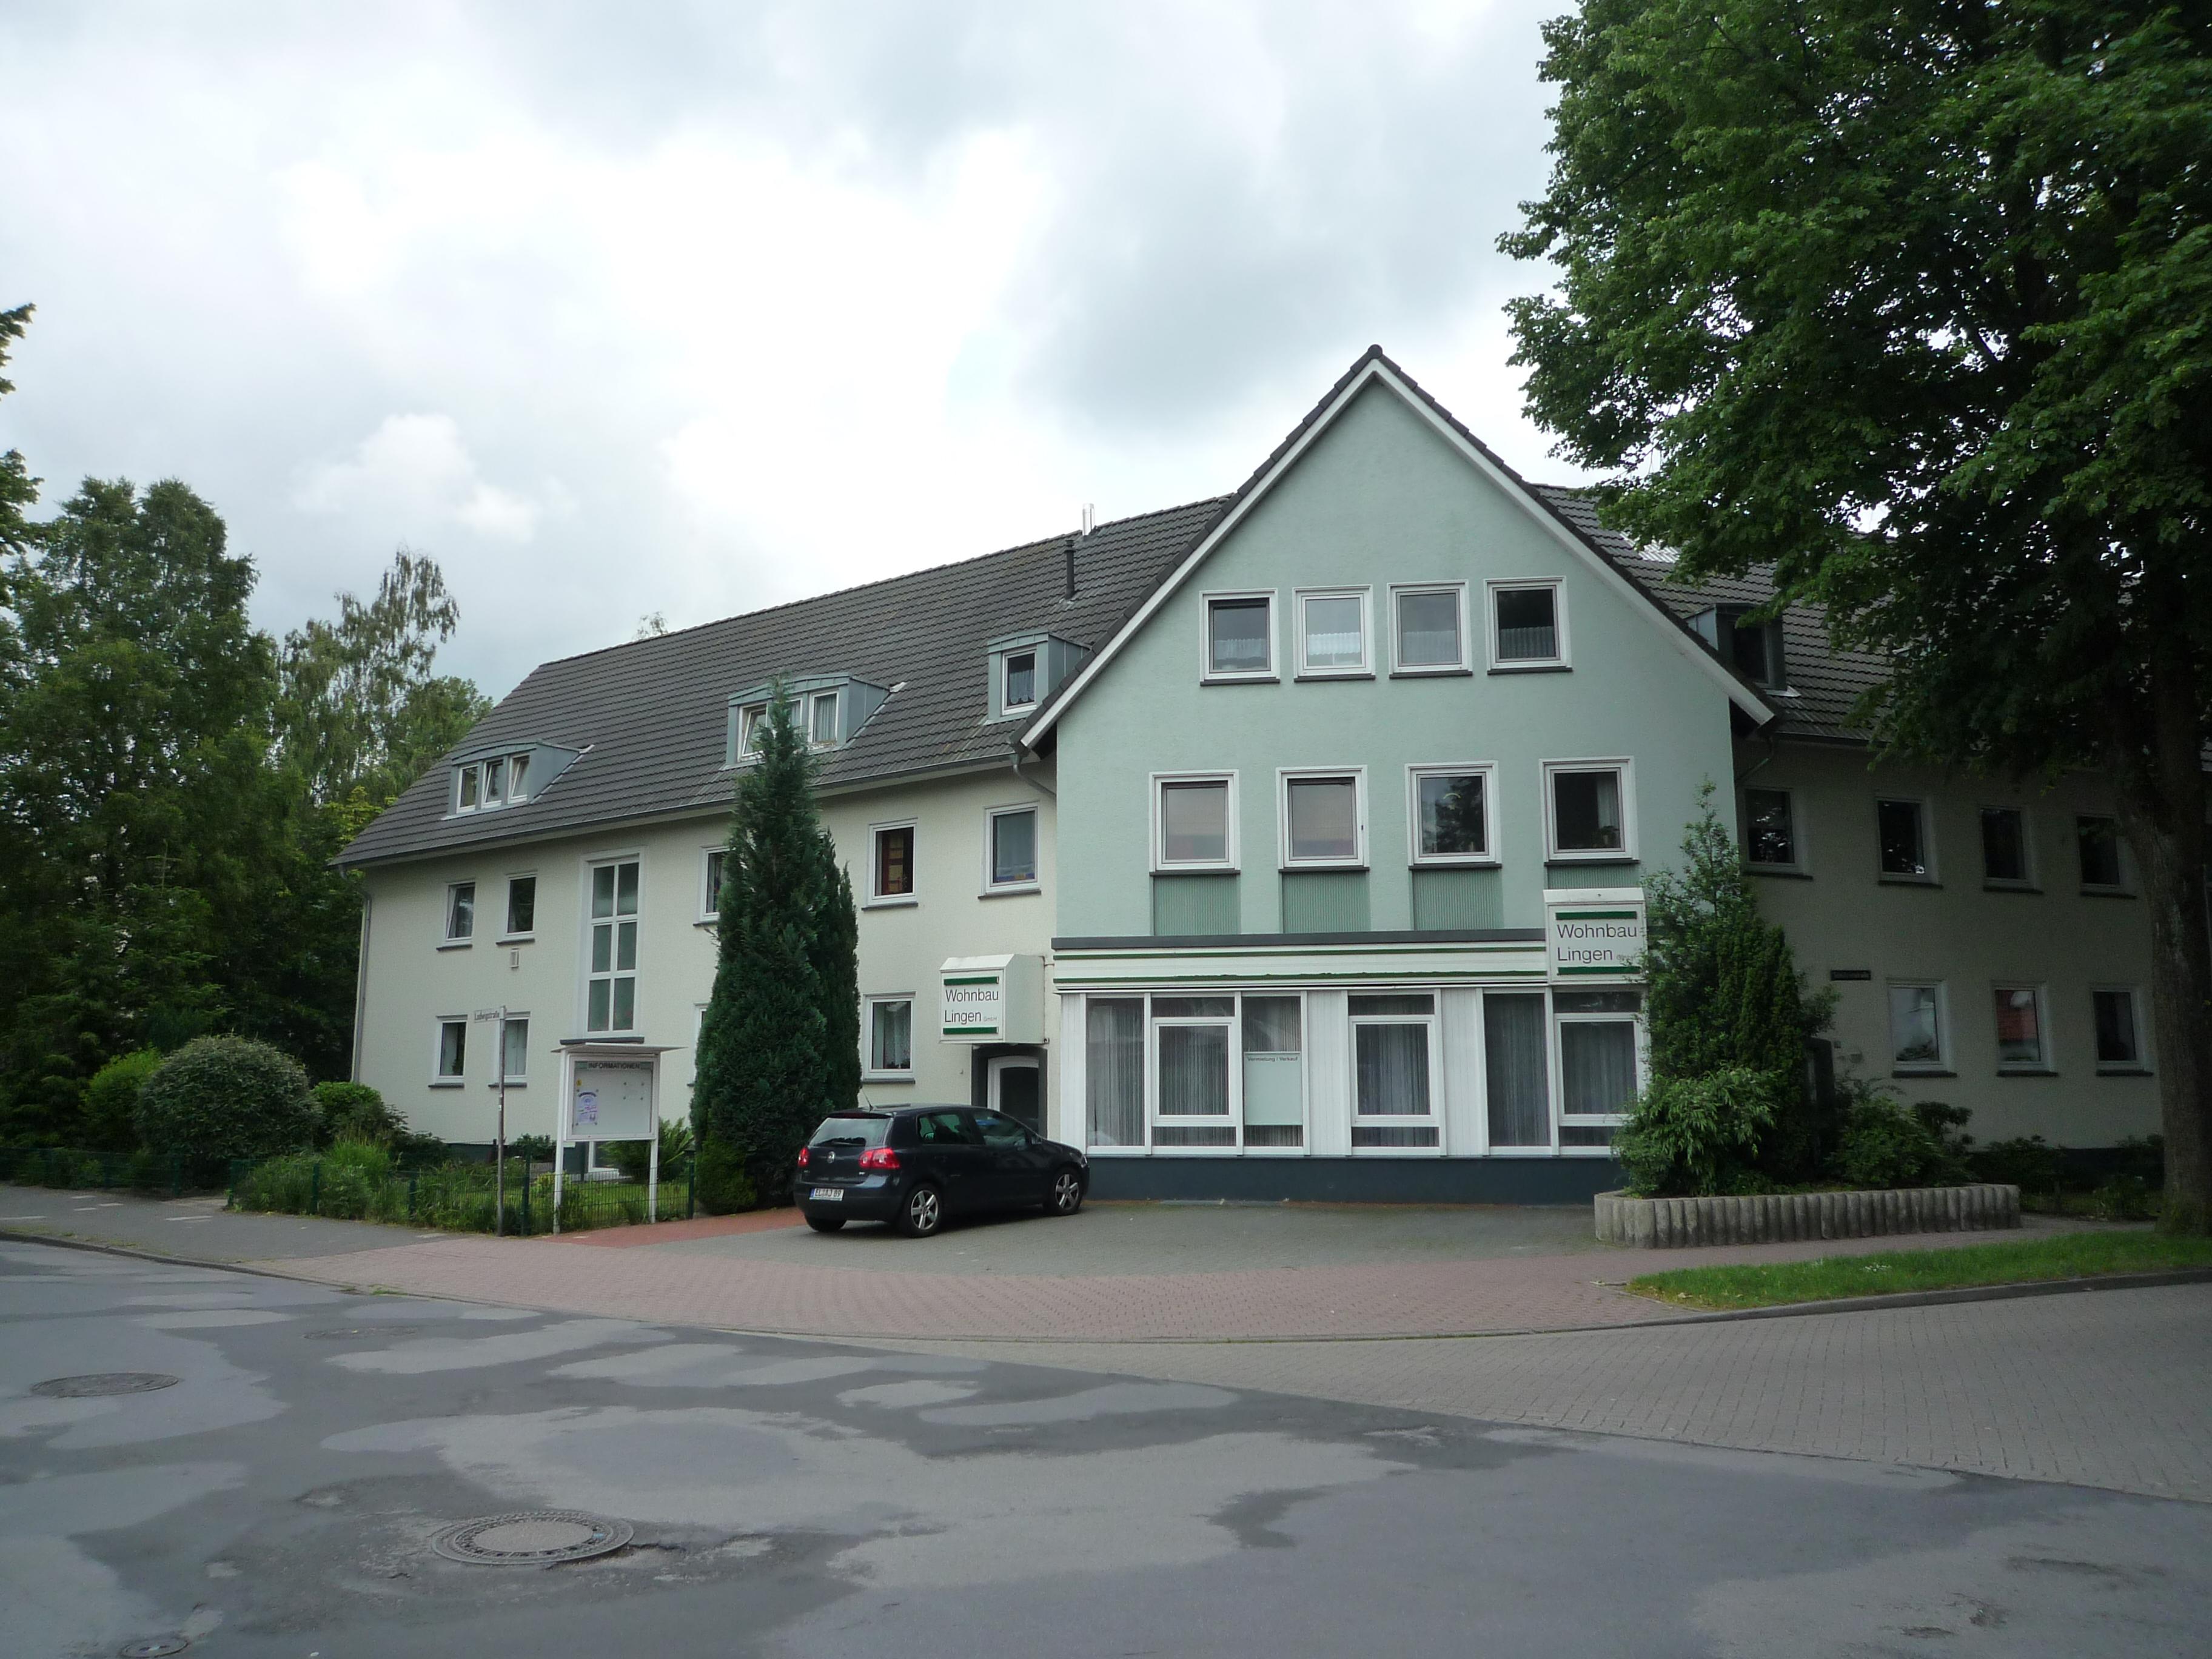 Lingen - Schützenstraße 61 -79